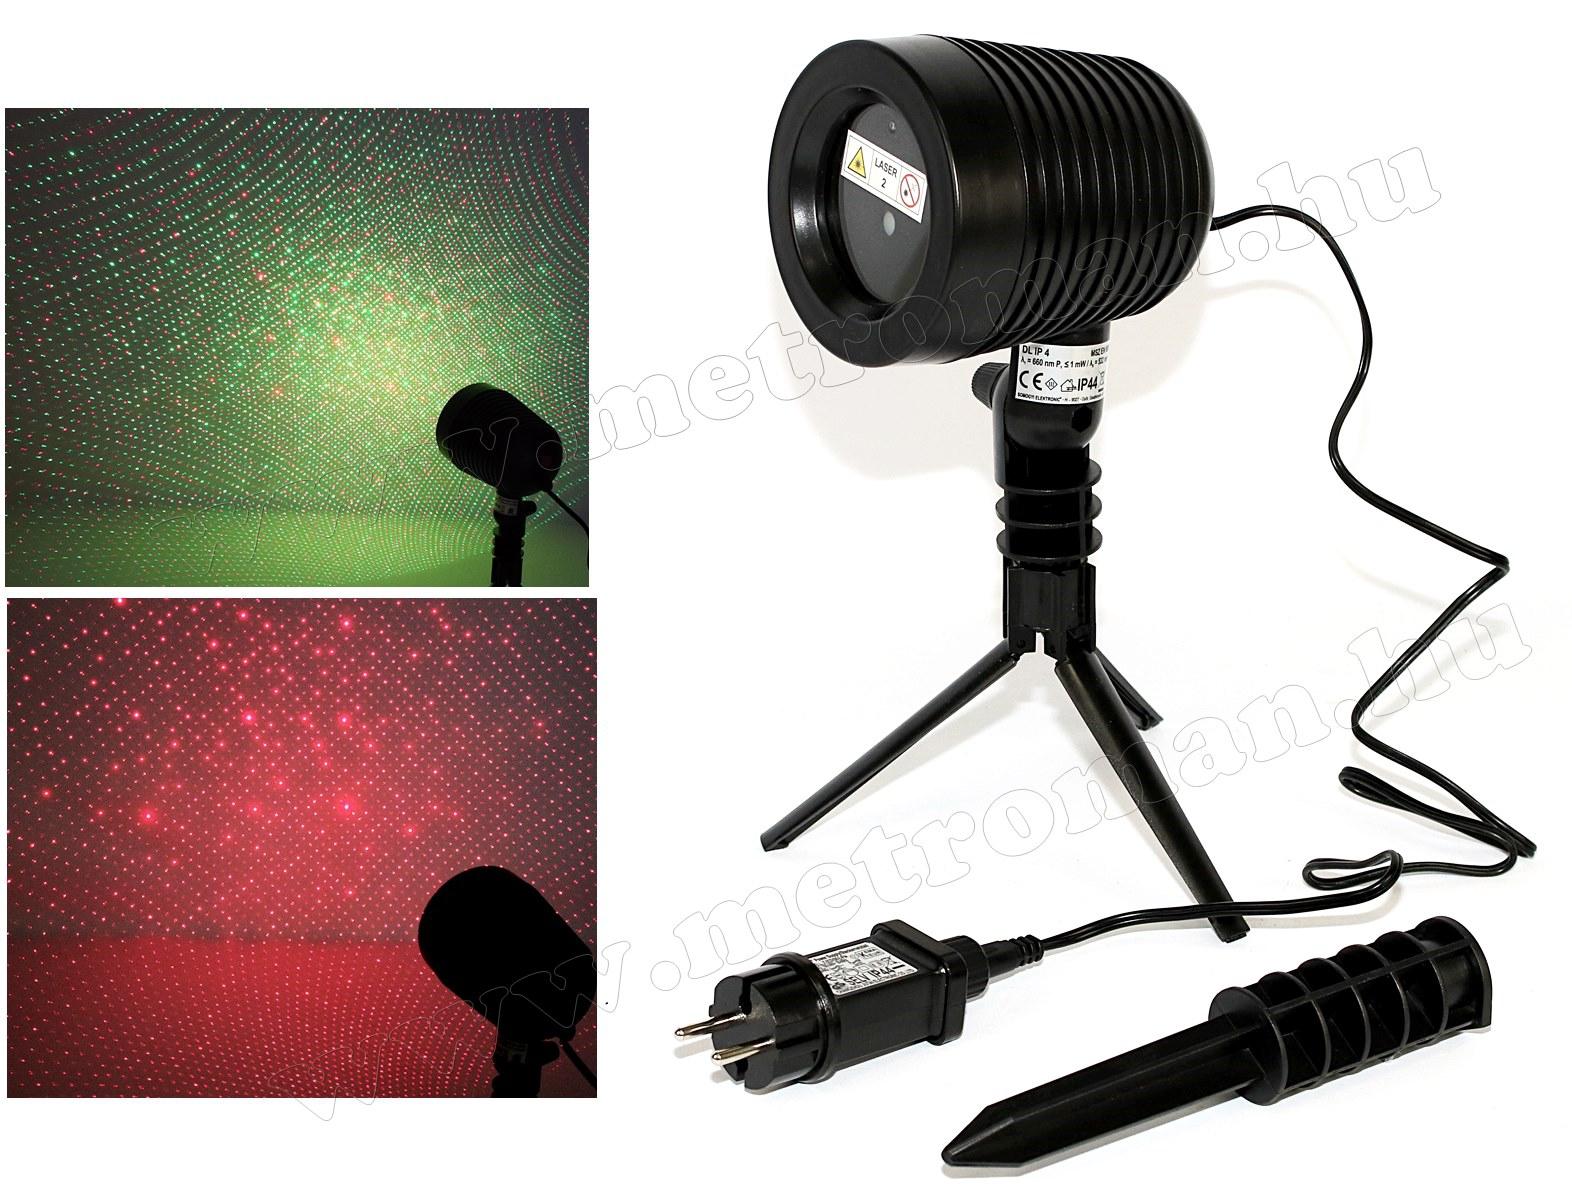 Kültéri színes Lézer fény projektor, kerti hangulat világítás MDL IP 4